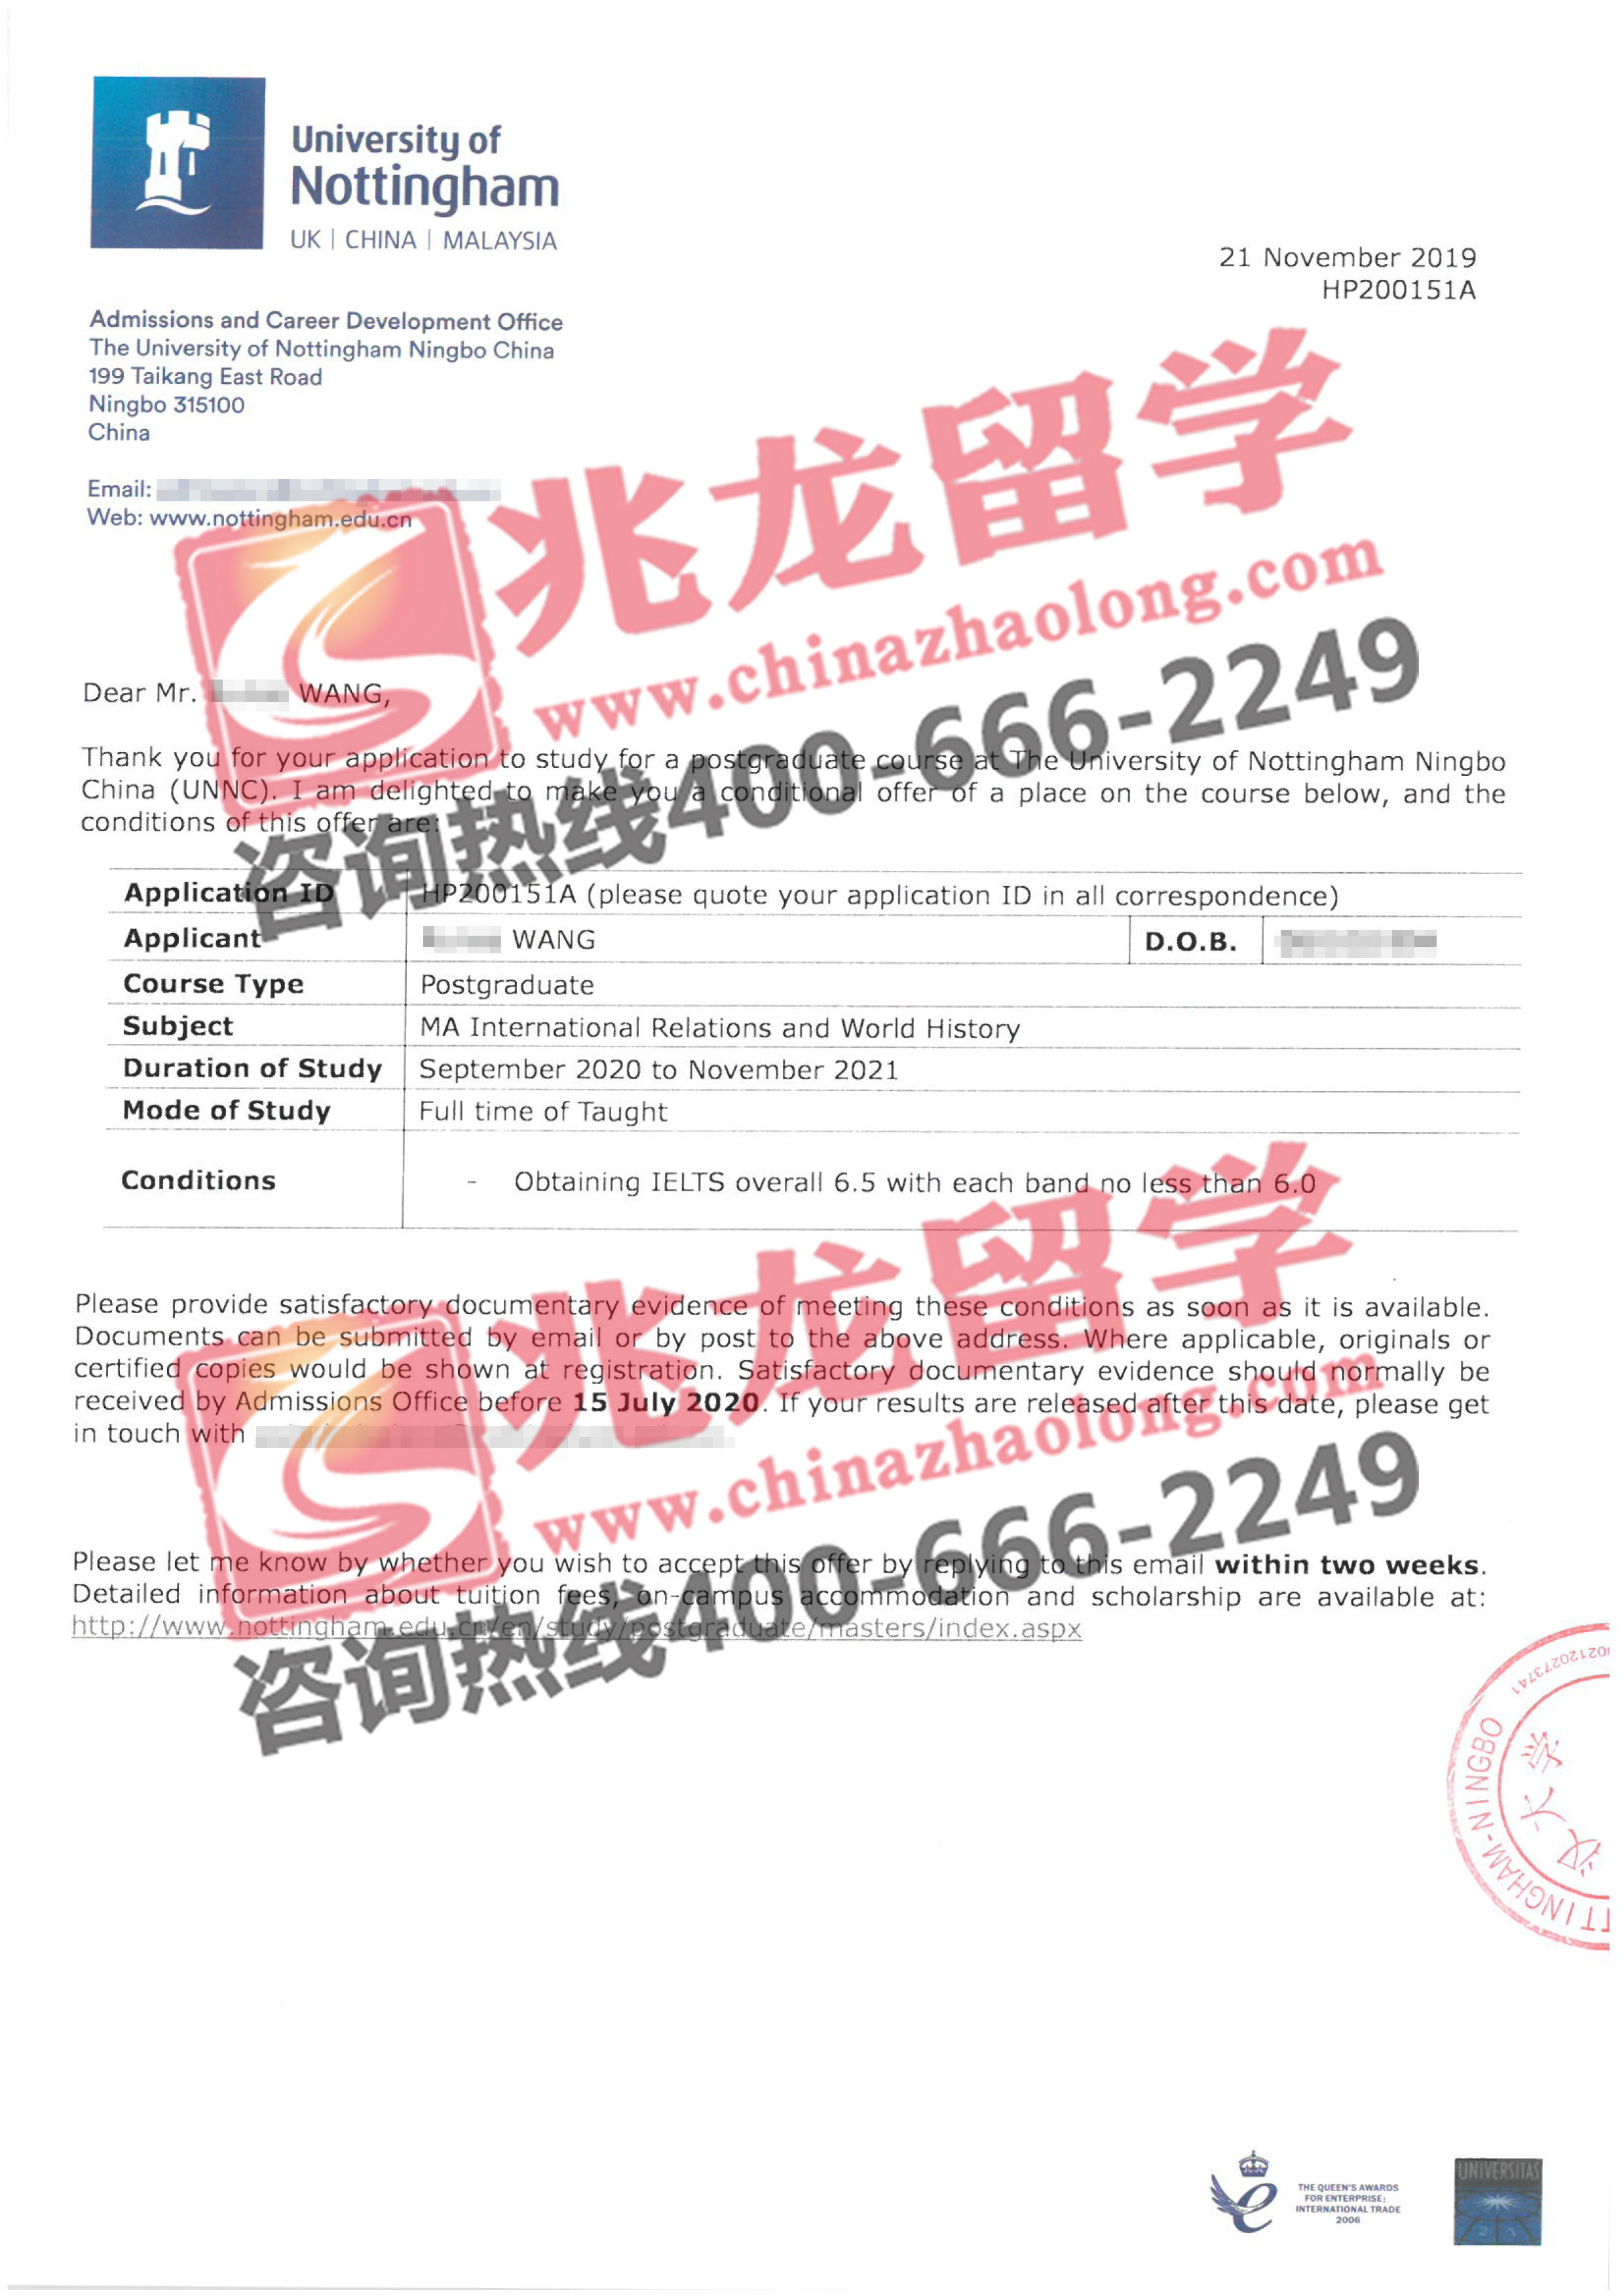 王runze宁波诺丁汉大学-国际关系与世界史有条件录取信-兆龙留学.jpg